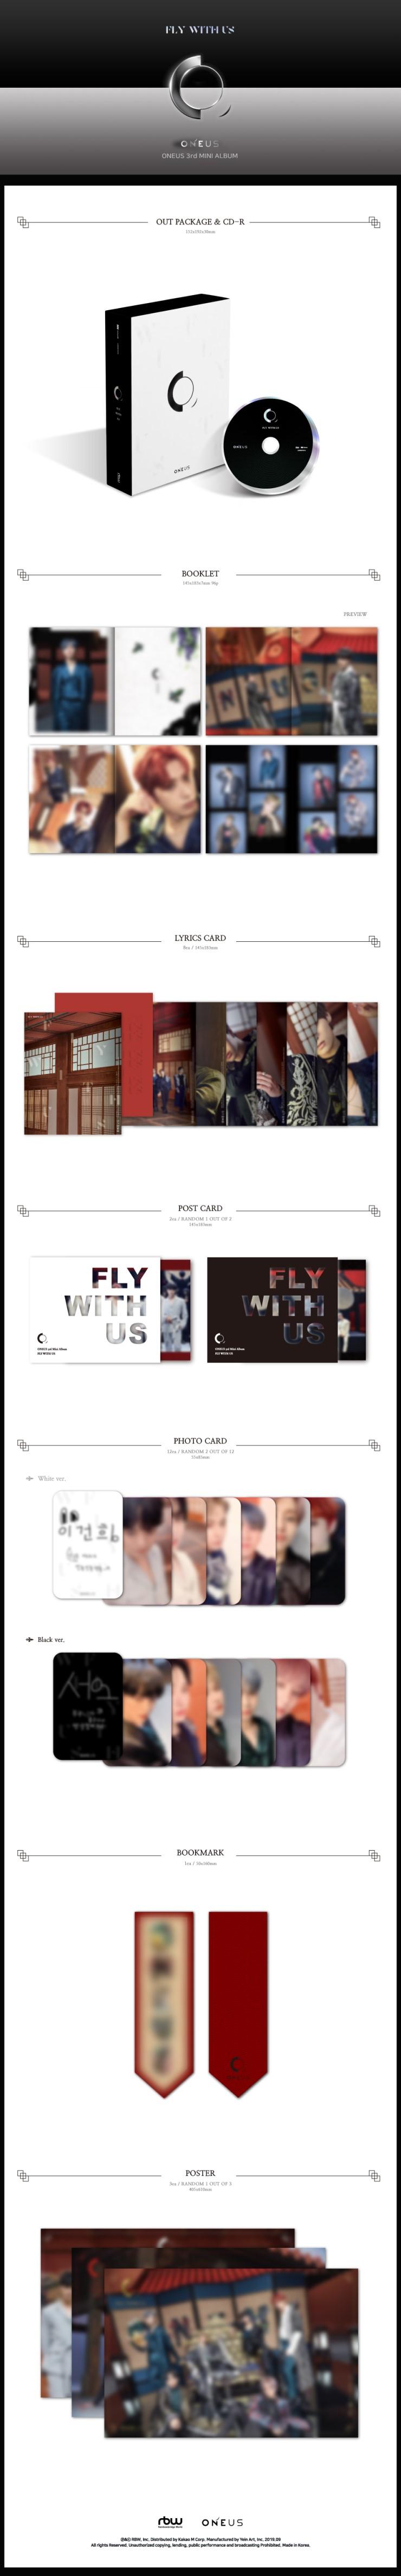 ONEUS(원어스) - FLY WITH US